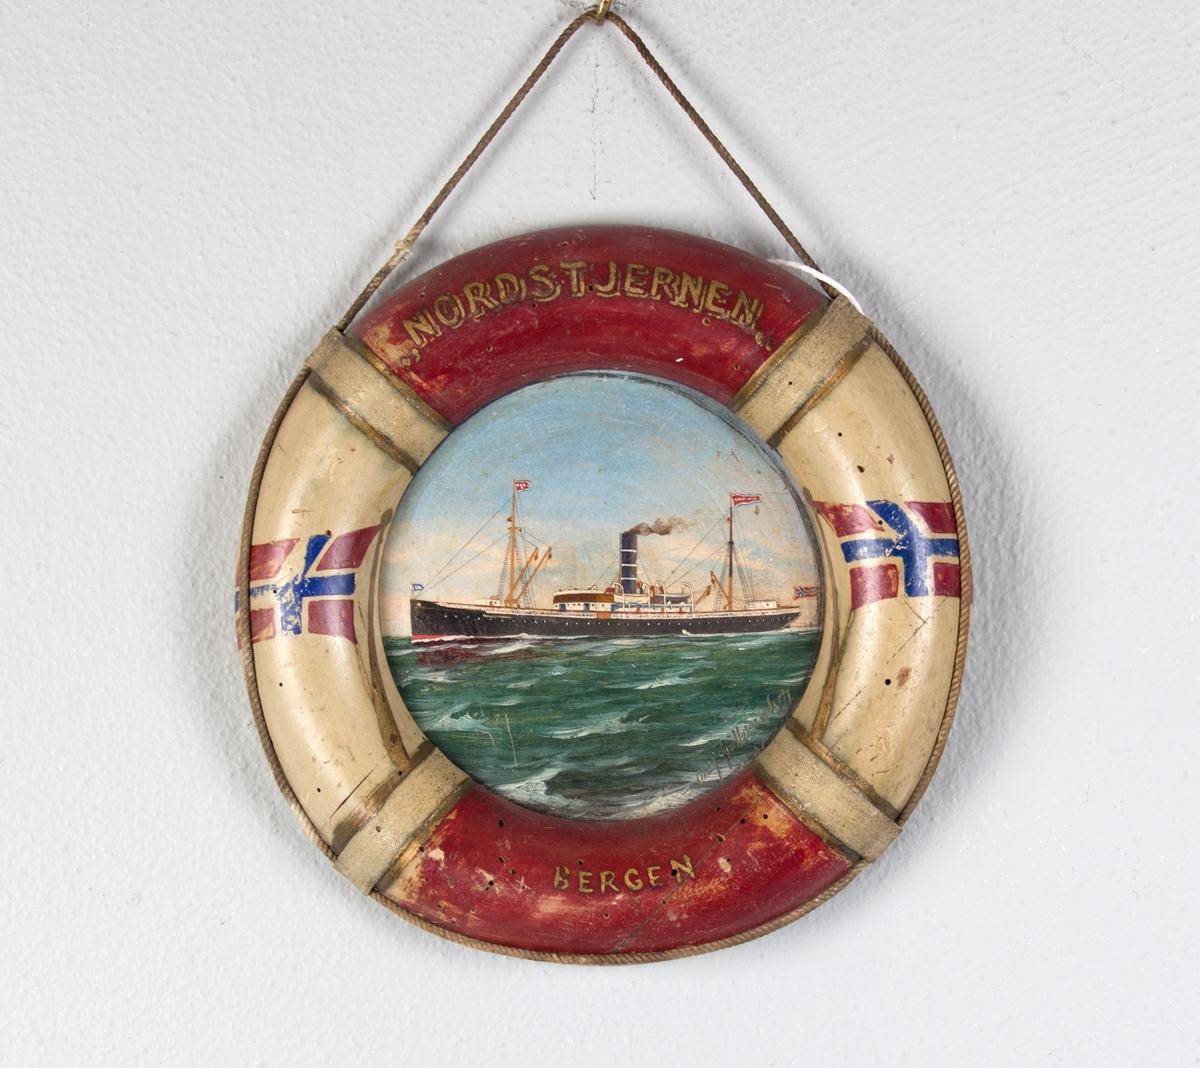 Skipsportrett av DS NORDSTJERNEN i rom sjø. Rammen er utformet som en livbøye, dekorert med norske flagg og skipets navn og hjemmehavn.